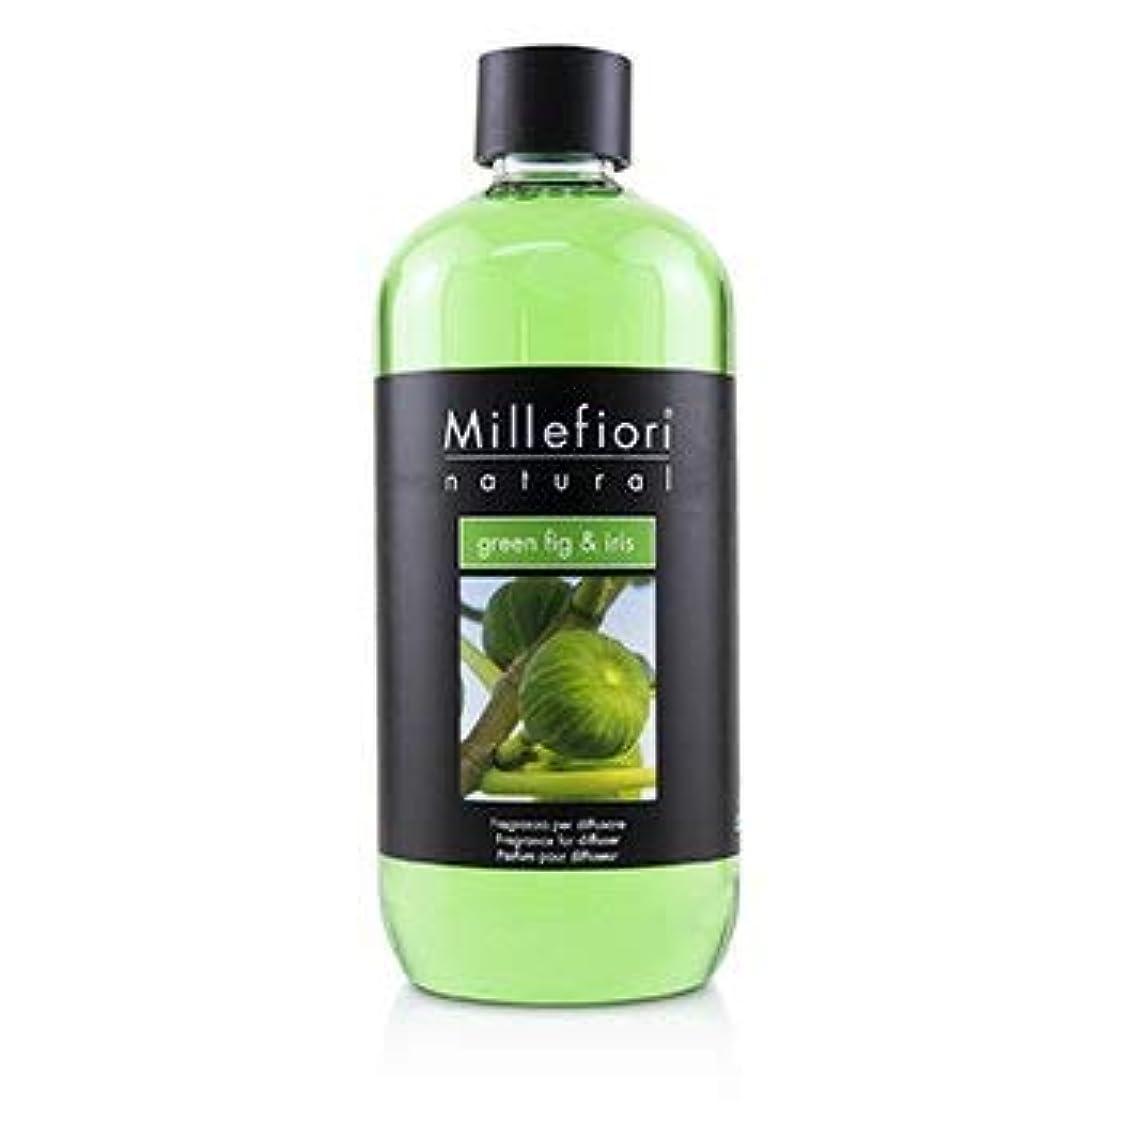 水素ゆりかご環境に優しいミッレフィオーリ Natural Fragrance Diffuser Refill - Green Fig & Iris 500ml/16.9oz並行輸入品